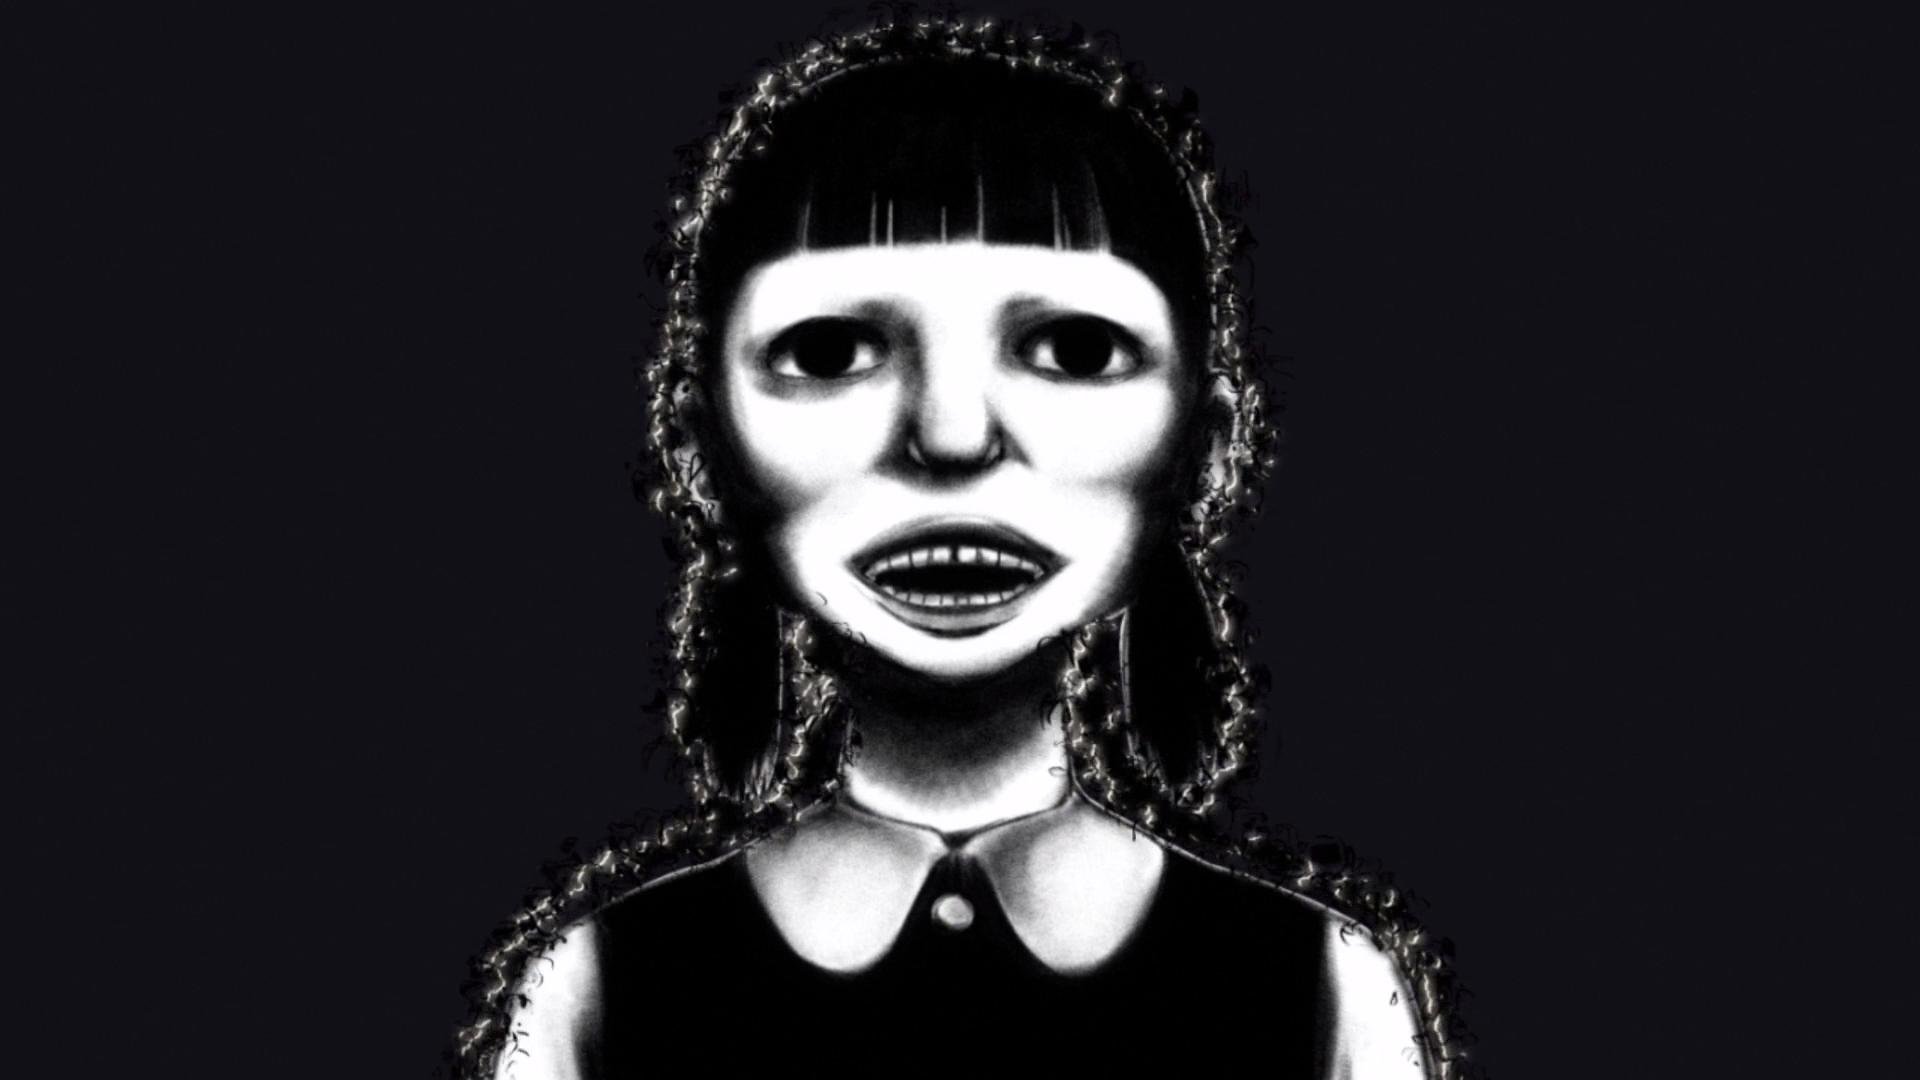 mahou-shoujo-site-girl.png